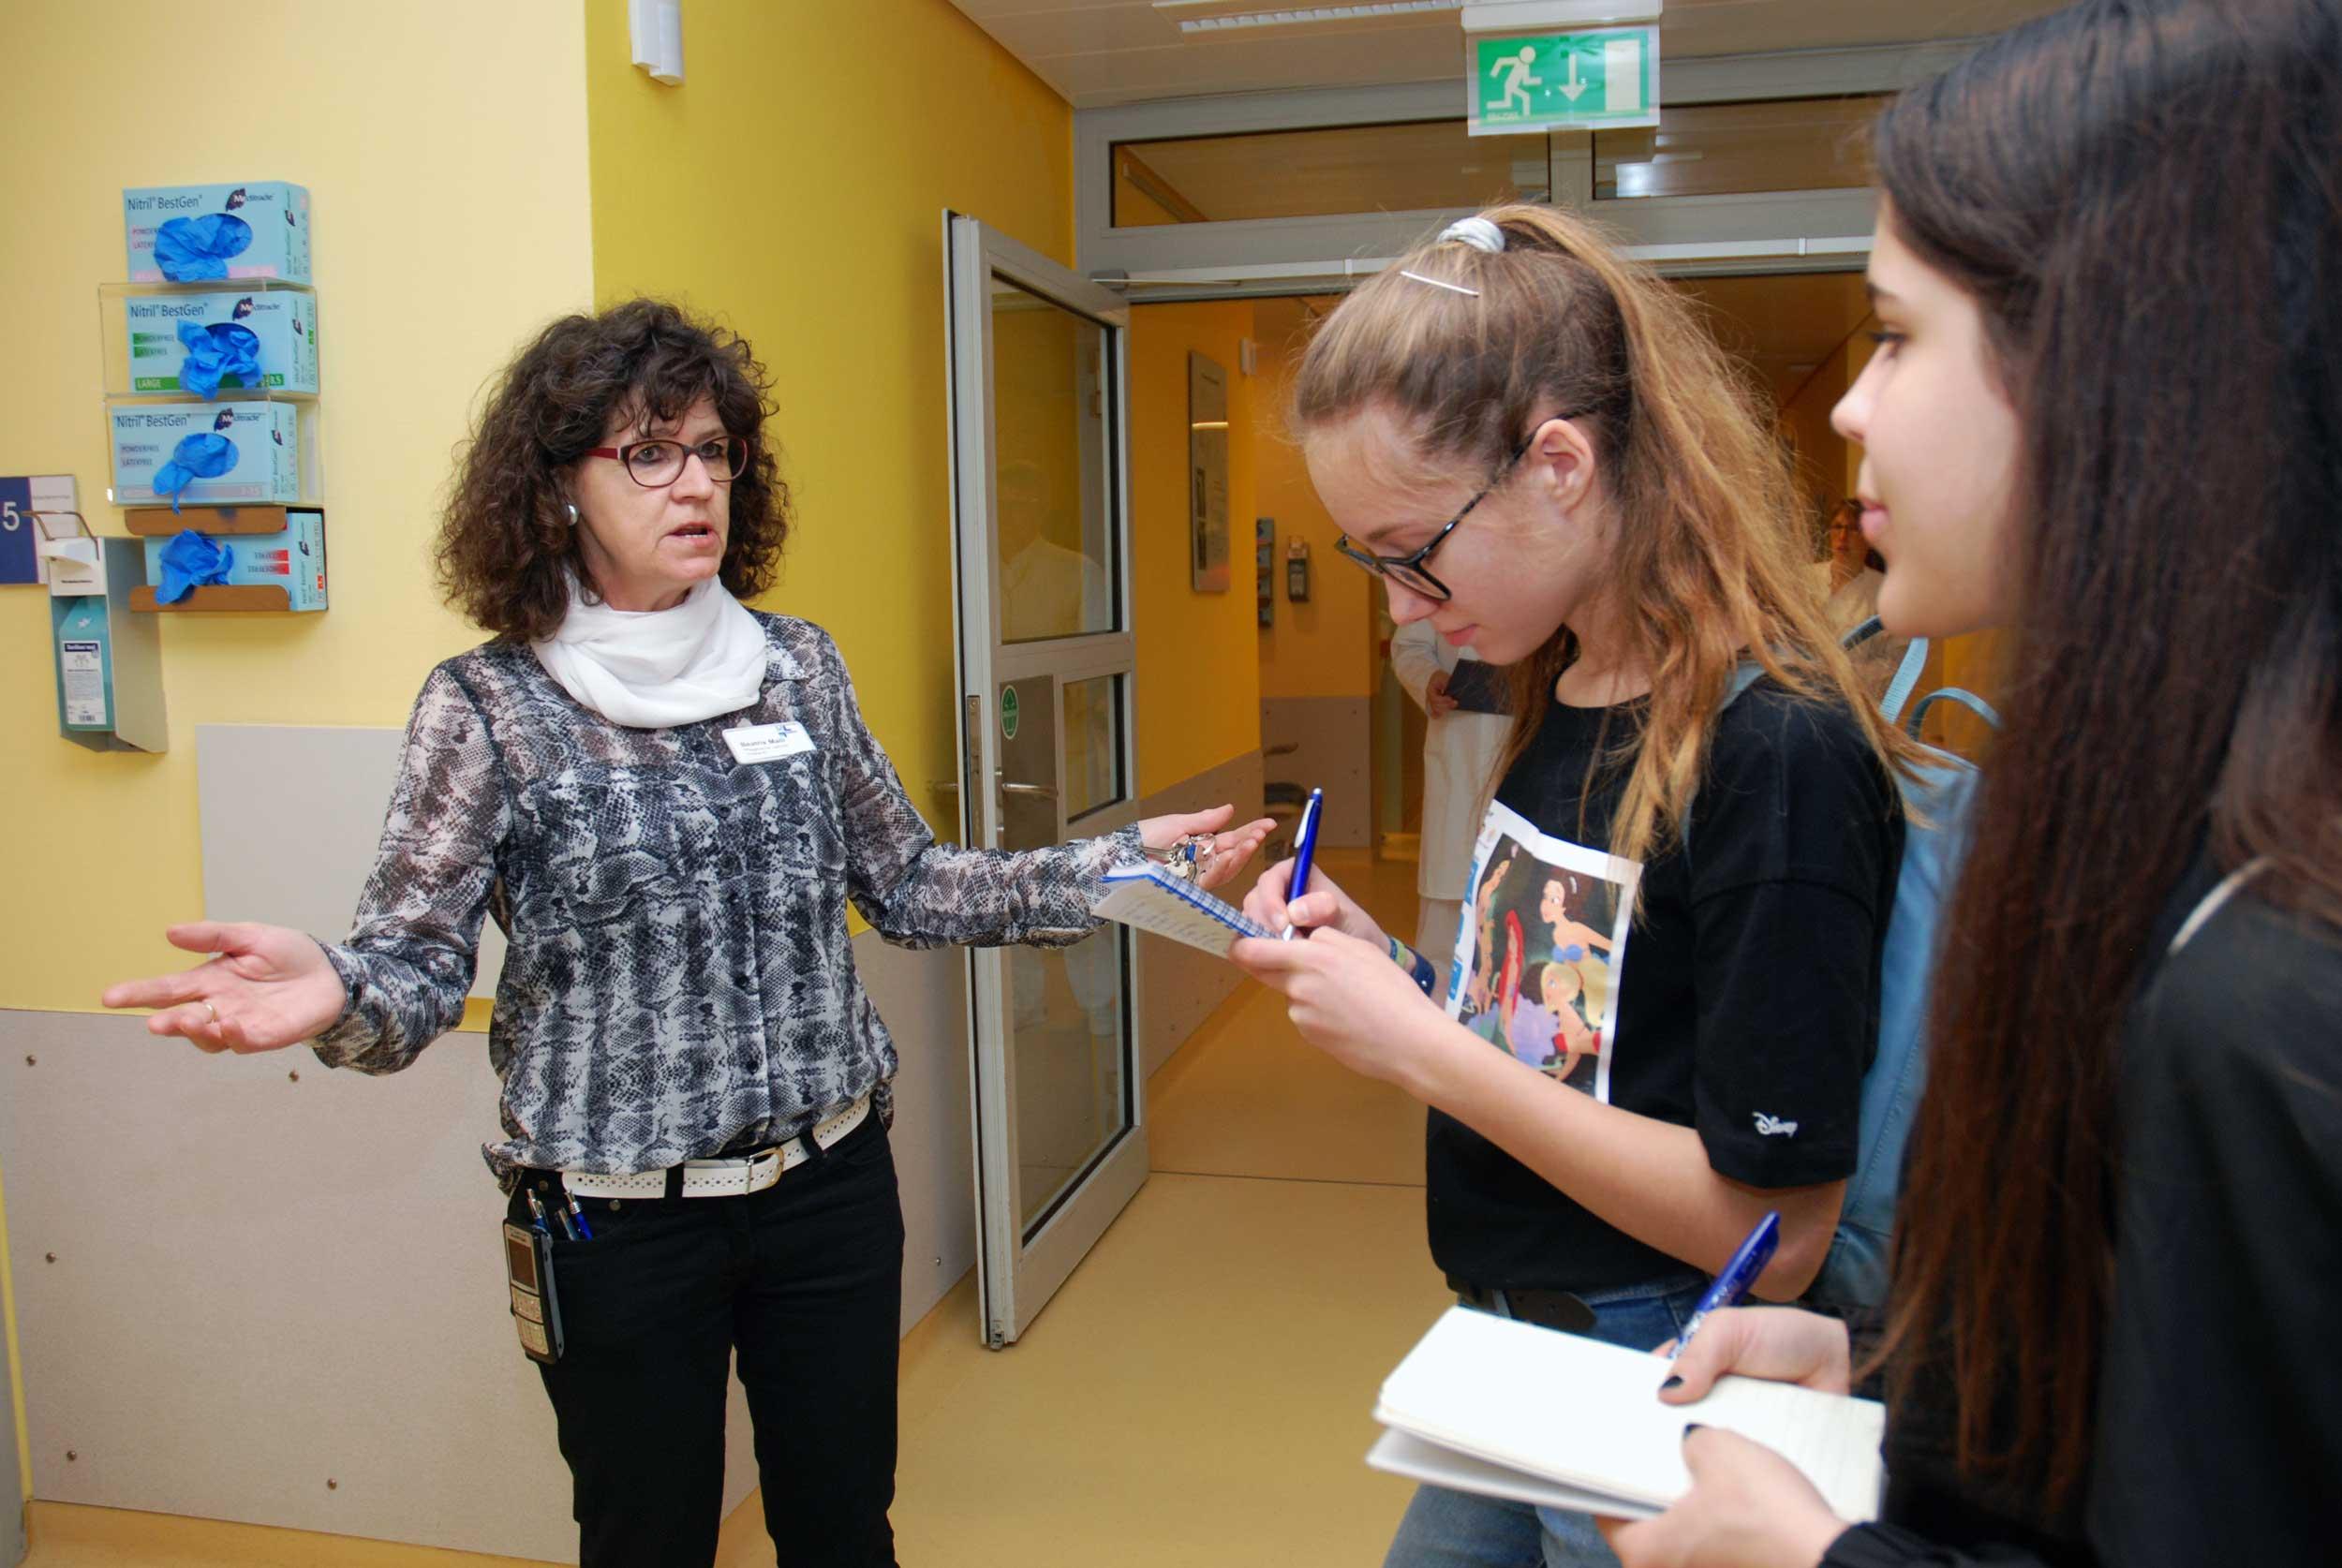 Eine Pflegerin erklärt zwei Schülerinnen etwas, die mitschreiben.